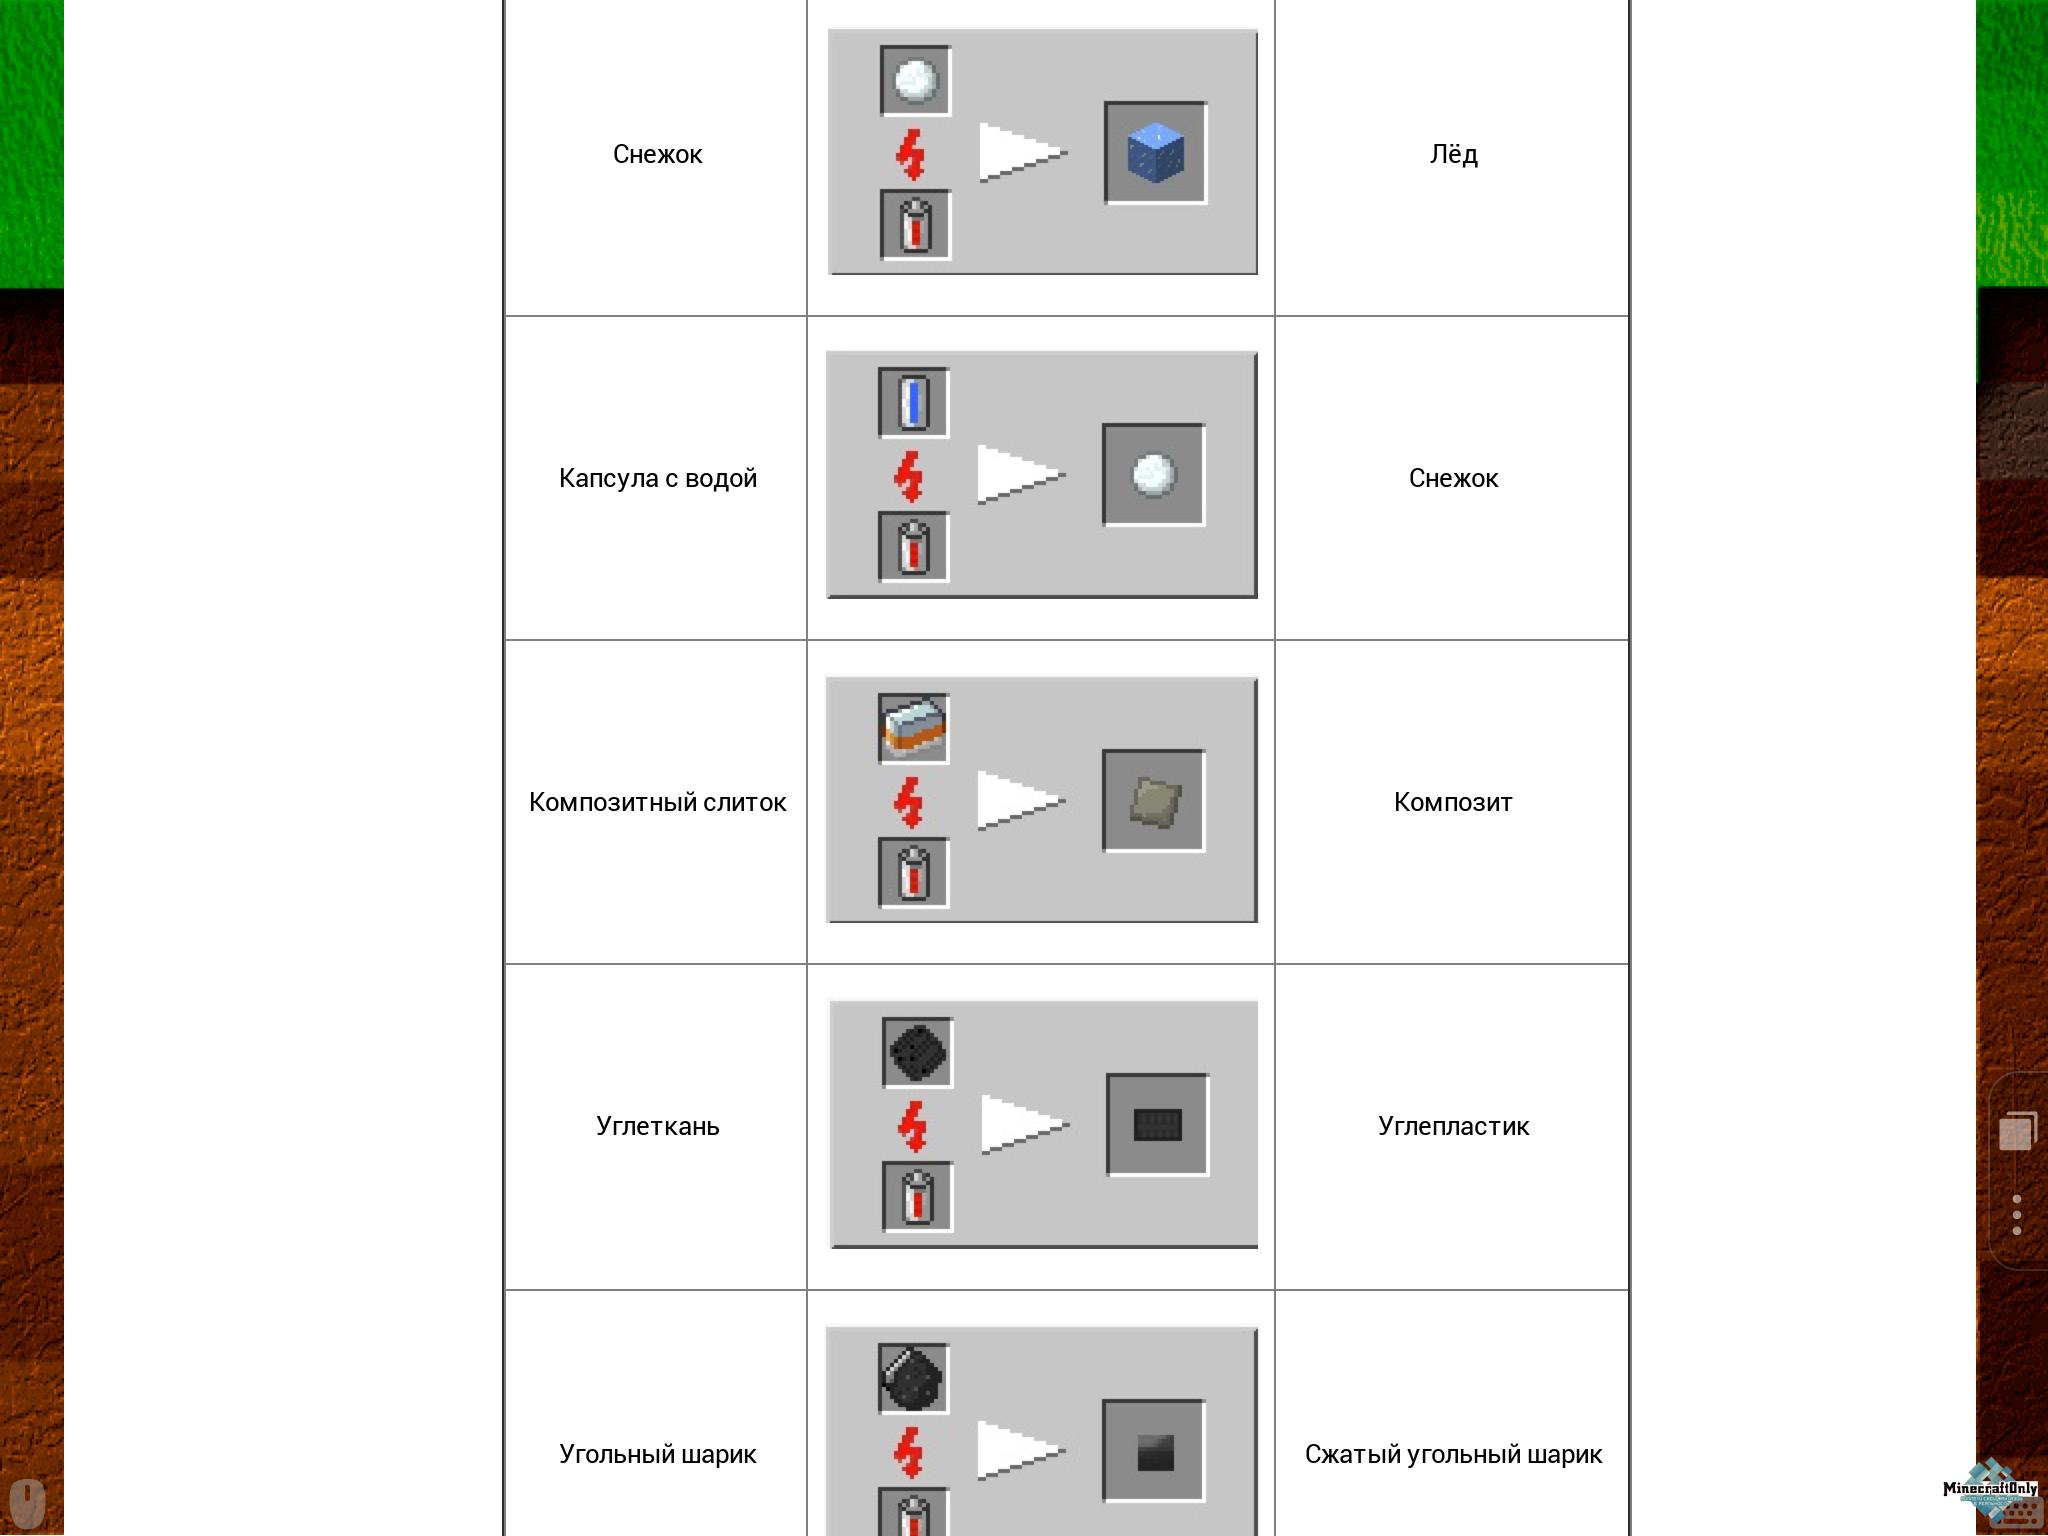 как сделать сервер в майнкрафте 1 8 3